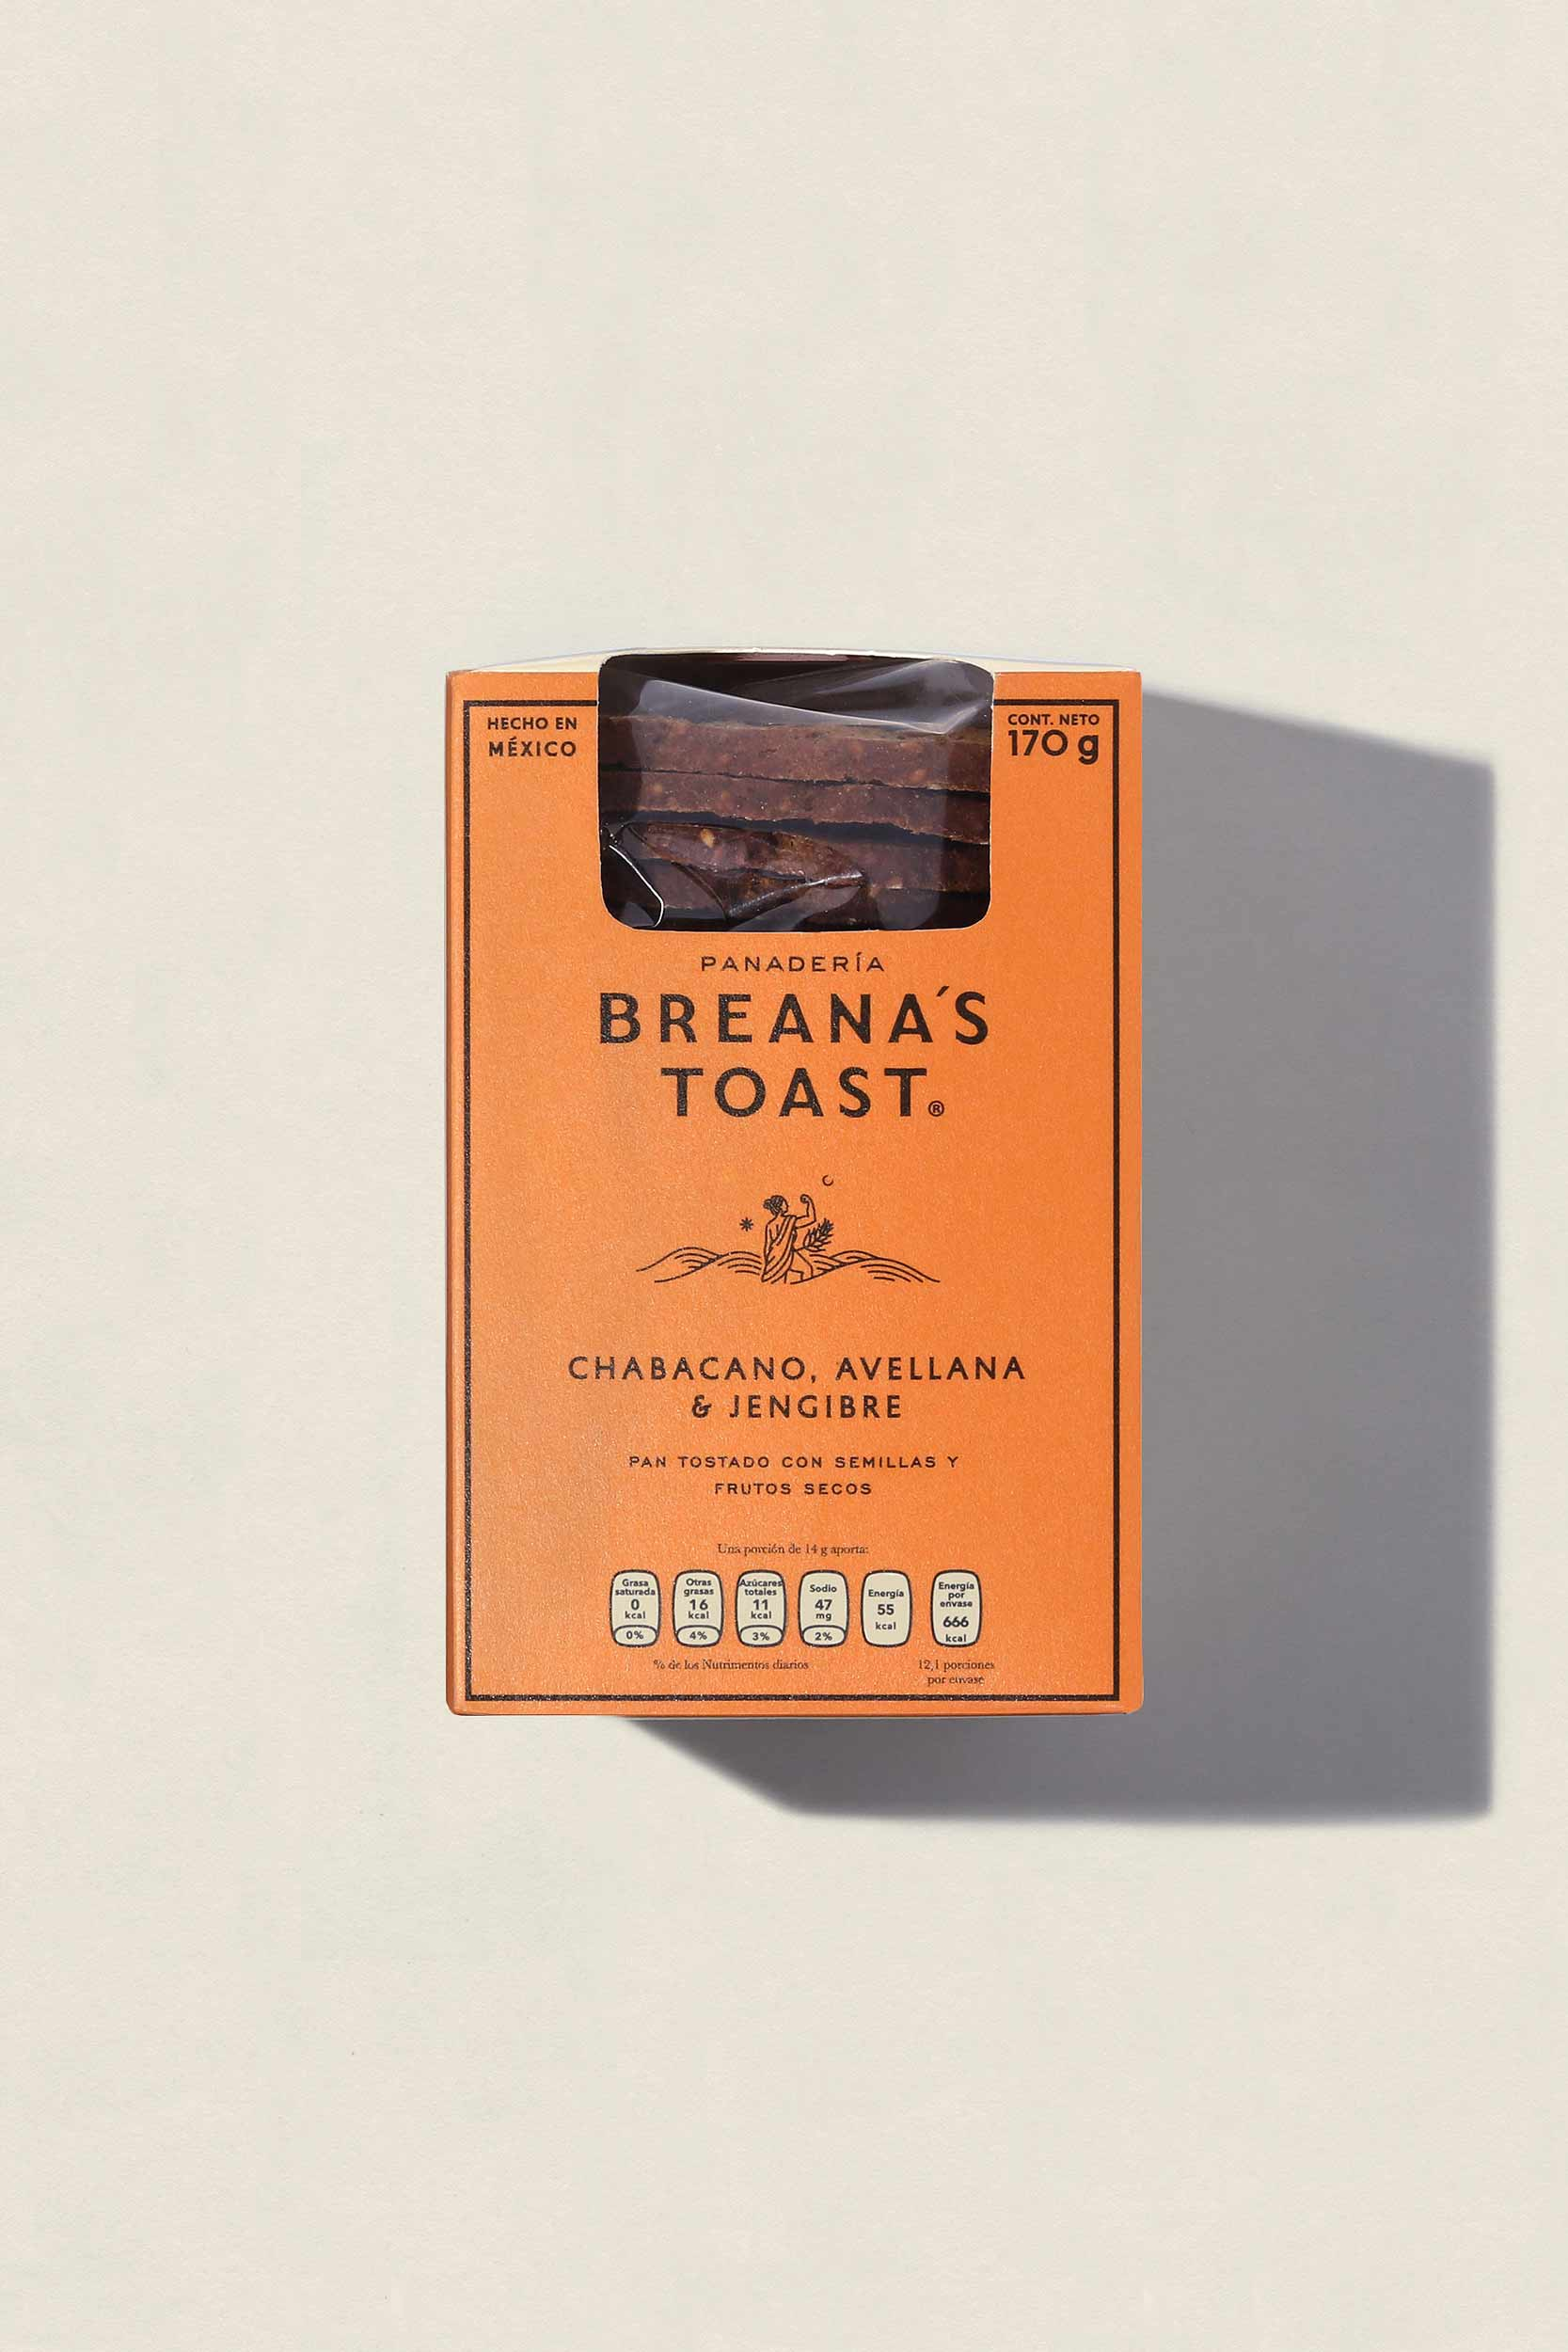 toast-vertical-naranja_2500